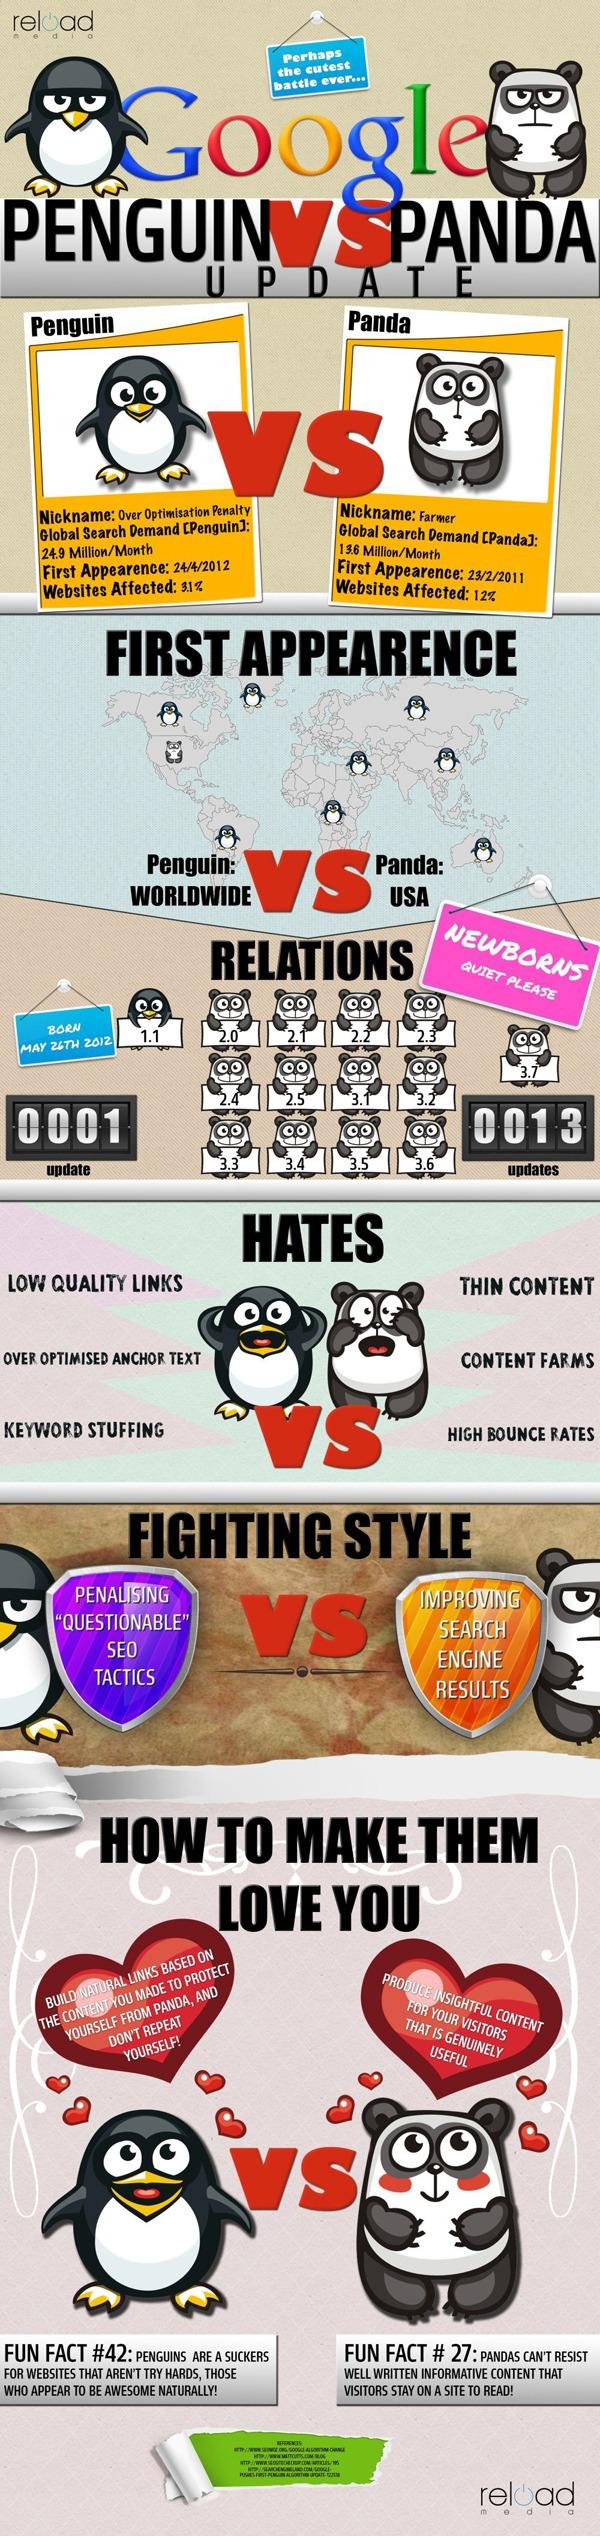 Penguin versus Panda infographic